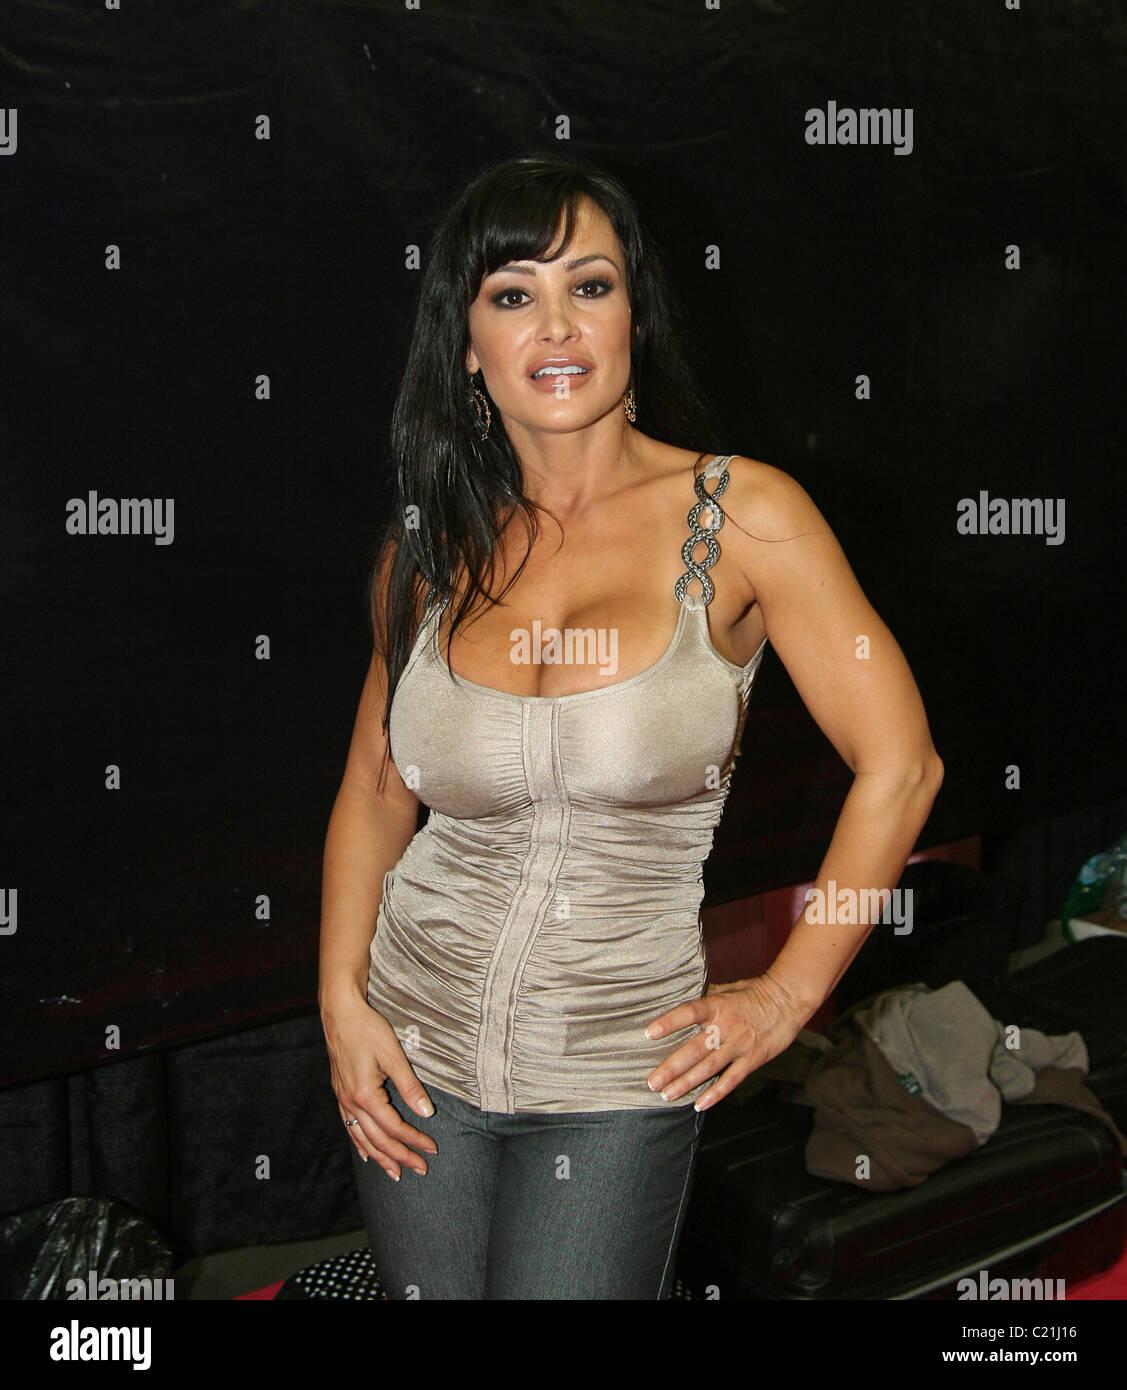 Actriz Porno Lisa Lesbian peliculas de lisa ann » photos » hot xnxx photos